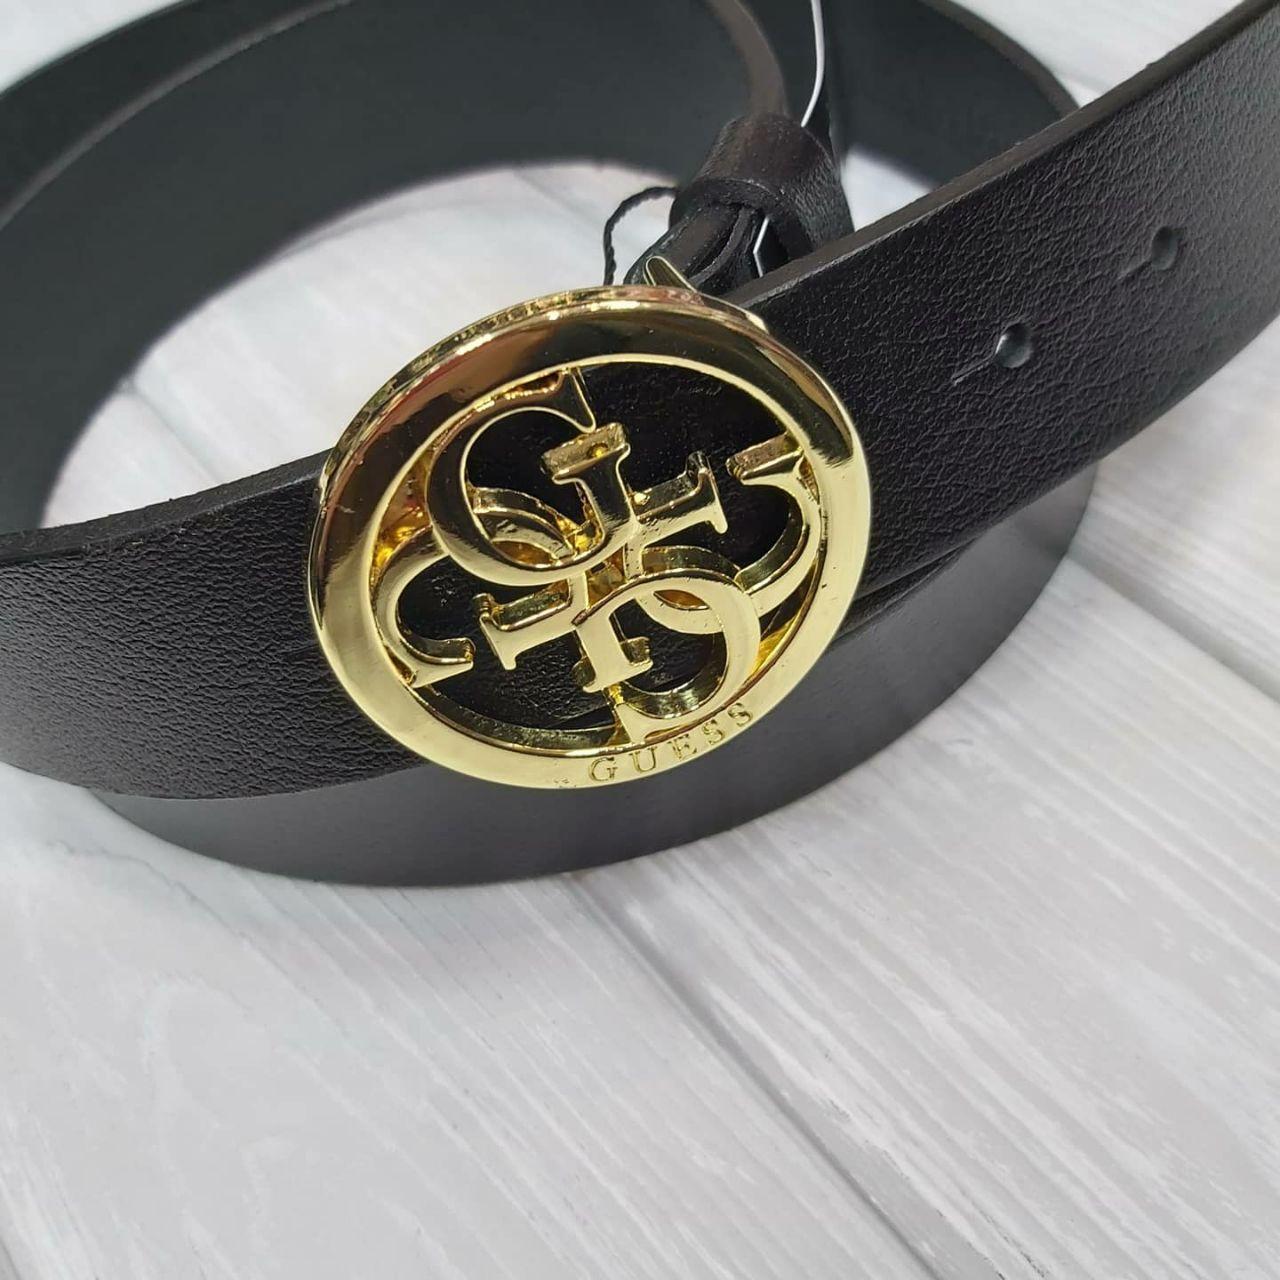 Женский черный ремень из натуральной кожи Итальянского производства с золотистой брендированной пряжкой